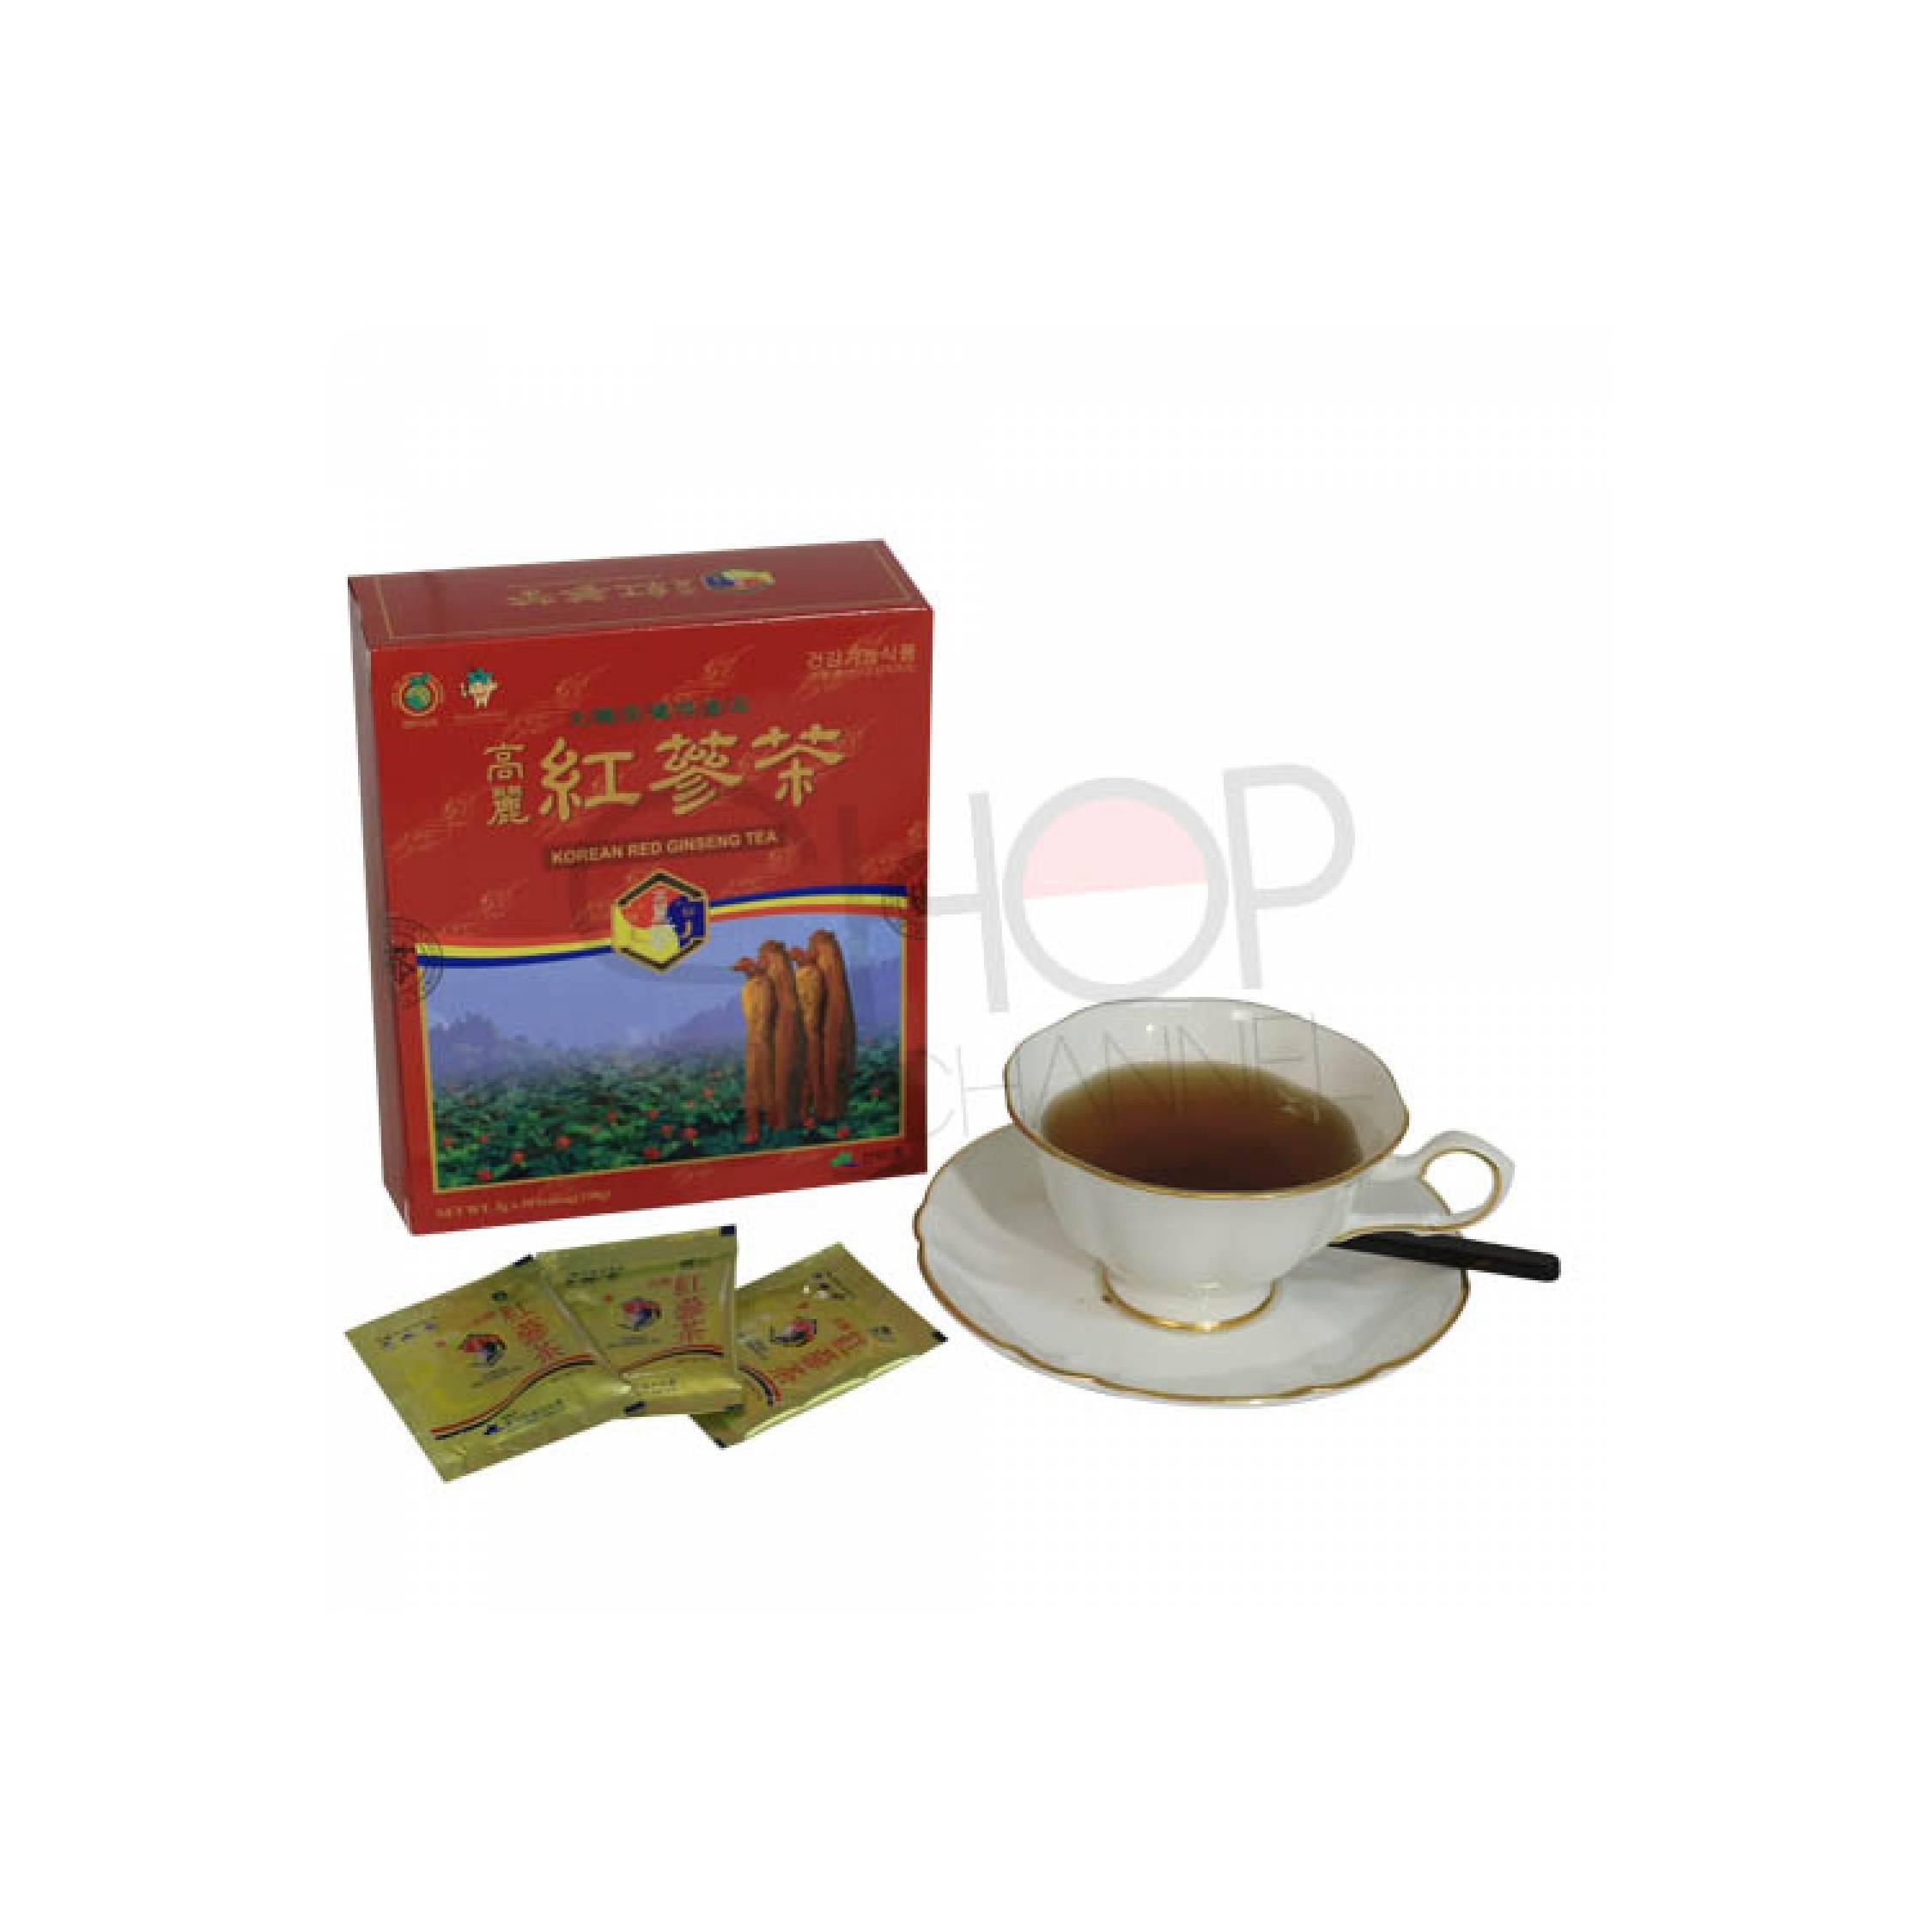 Kopi Equs Halal Best Seller Isi 3 Sachet Daftar Harga Terlengkap Grengg Greng Asli Original Penambah Stamina Pria Dewasa Terlaris Korean Red Ginseng Tea 50 Teh